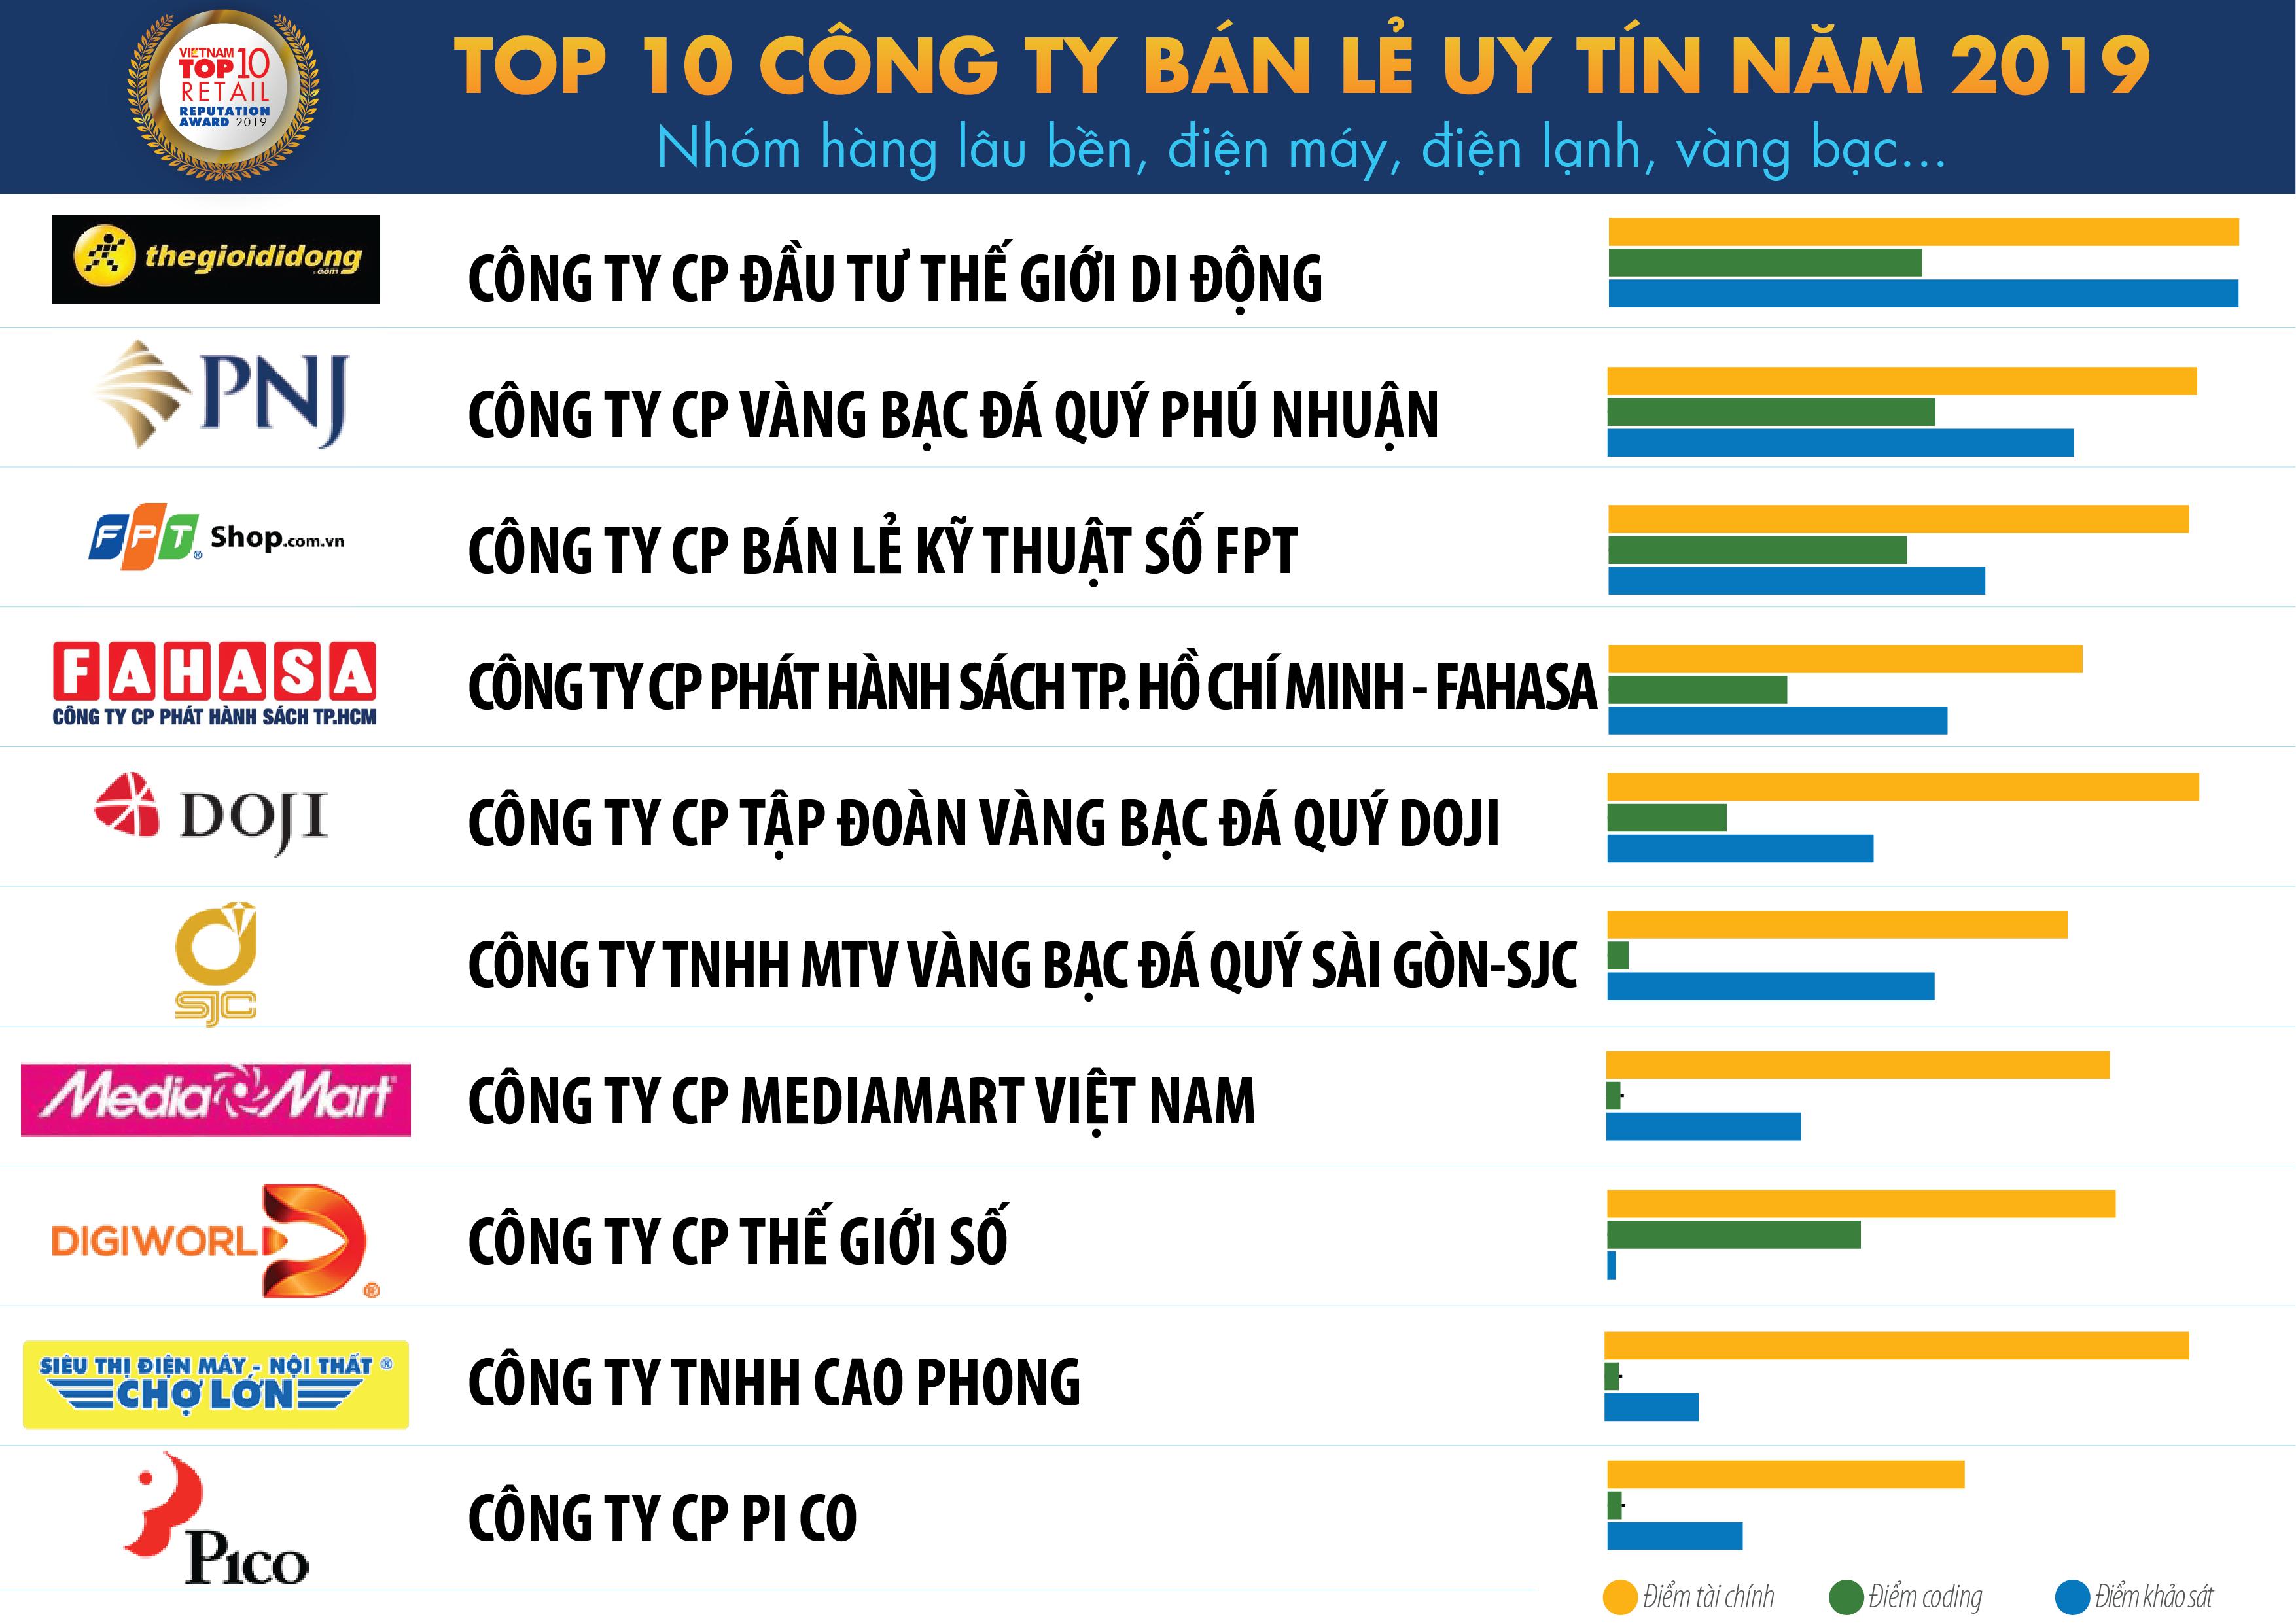 Xếp hạng Top 10 công ty bán lẻ uy tín nhất Việt Nam